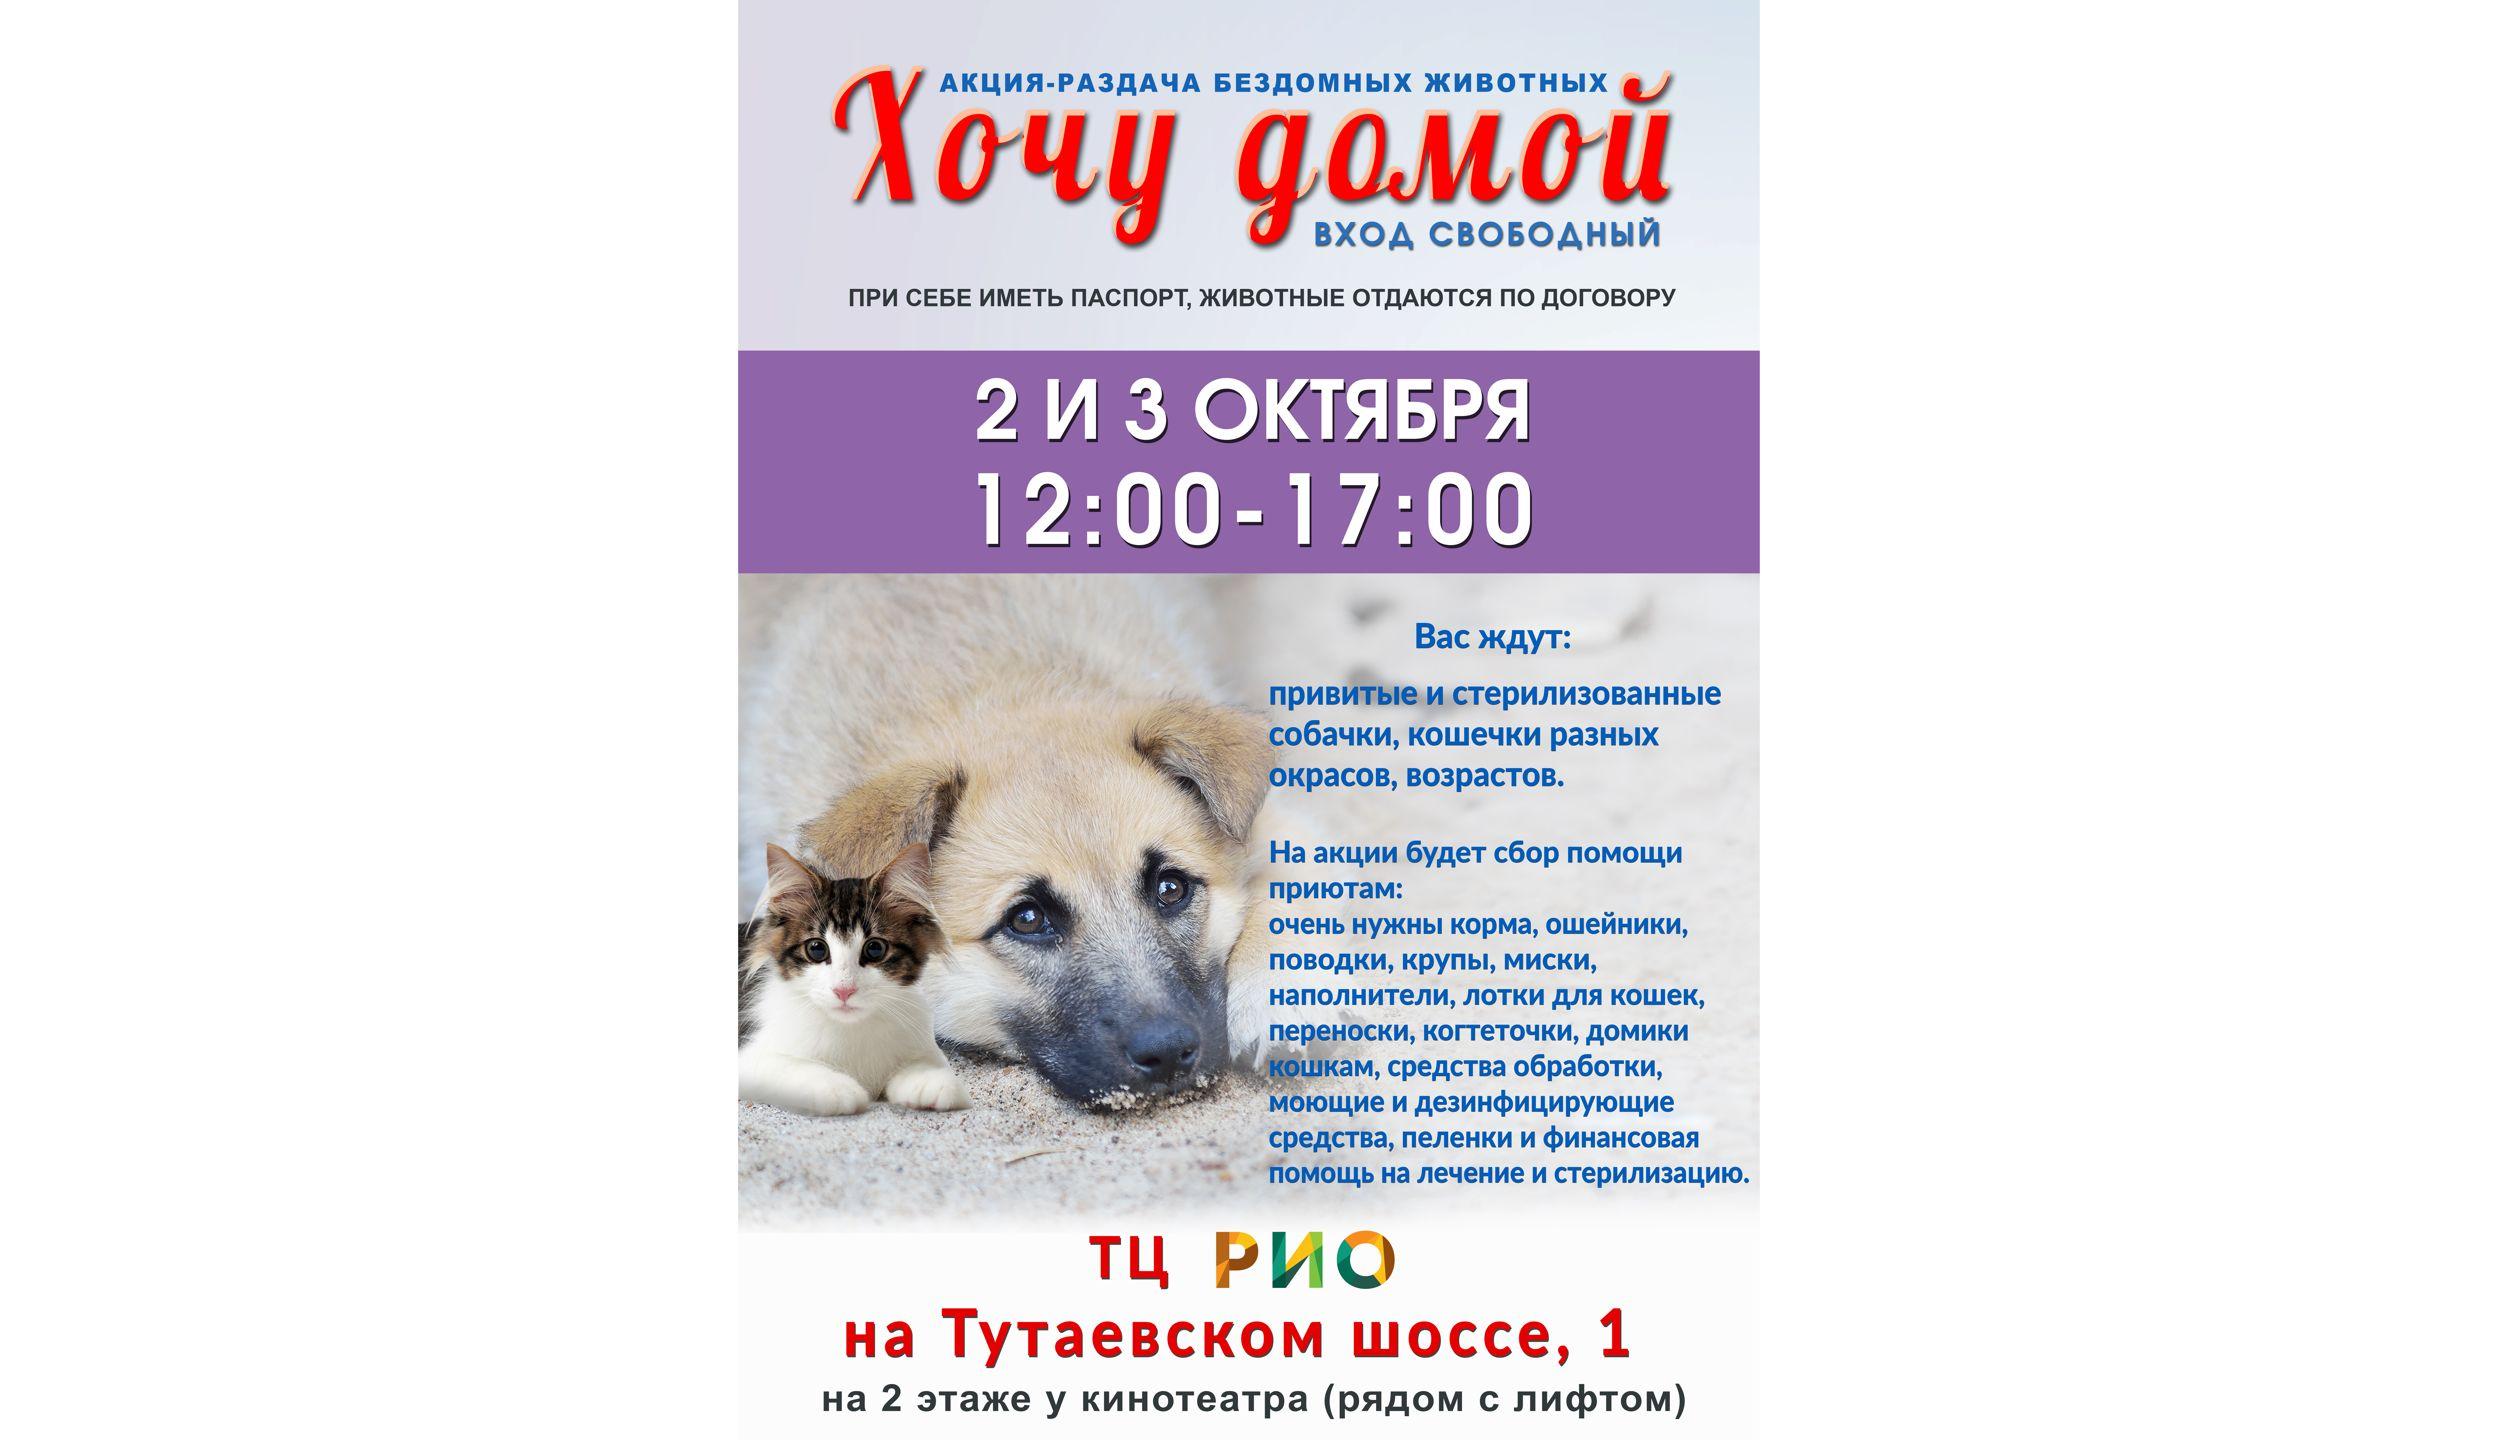 В торговом центре Ярославля бездомных животных отдадут в добрые руки